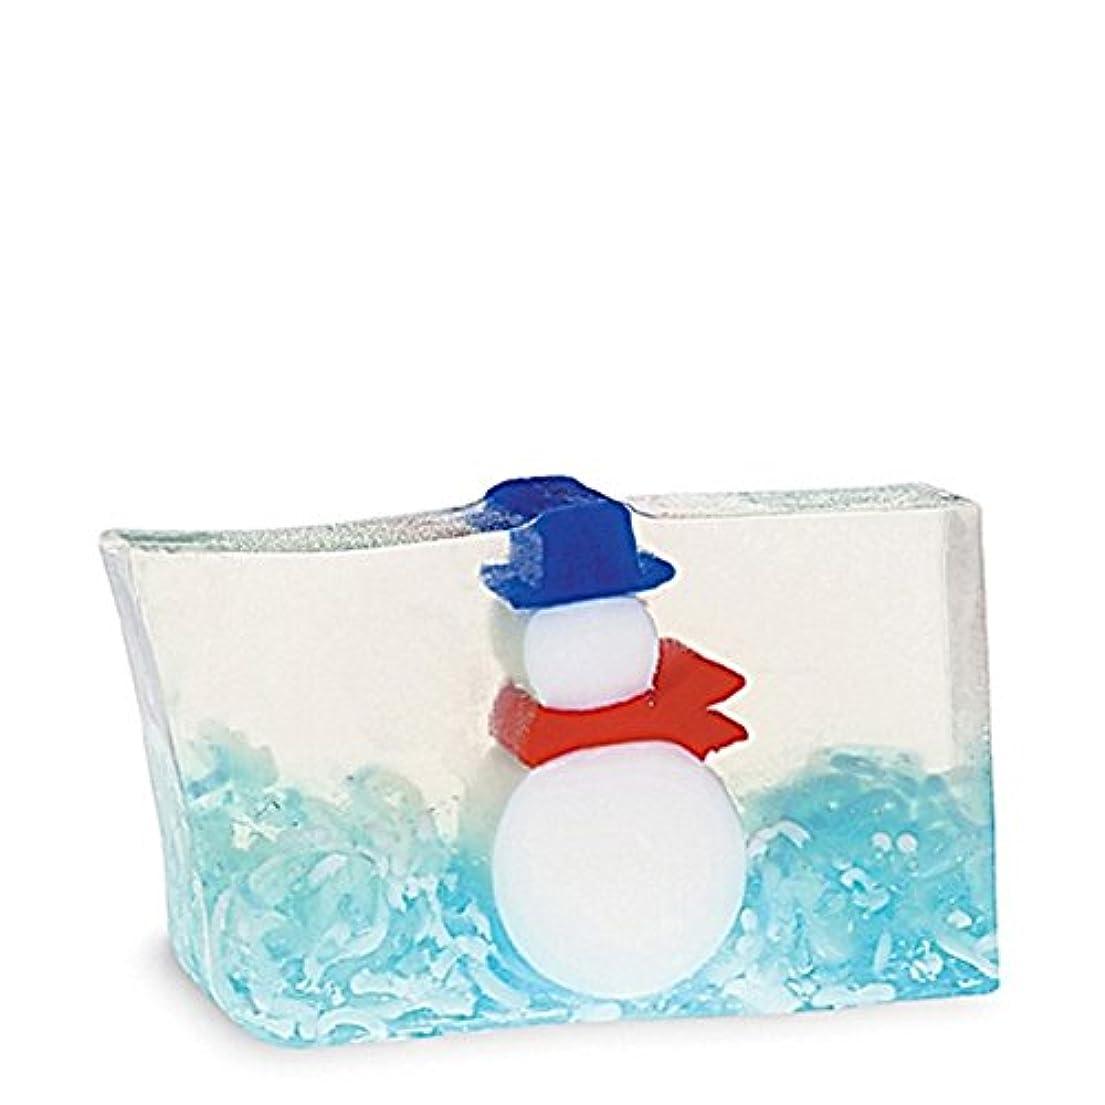 老人交差点爬虫類Primal Elements Snowman Soap 170g (Pack of 6) - 原初の要素雪だるま石鹸170グラム x6 [並行輸入品]